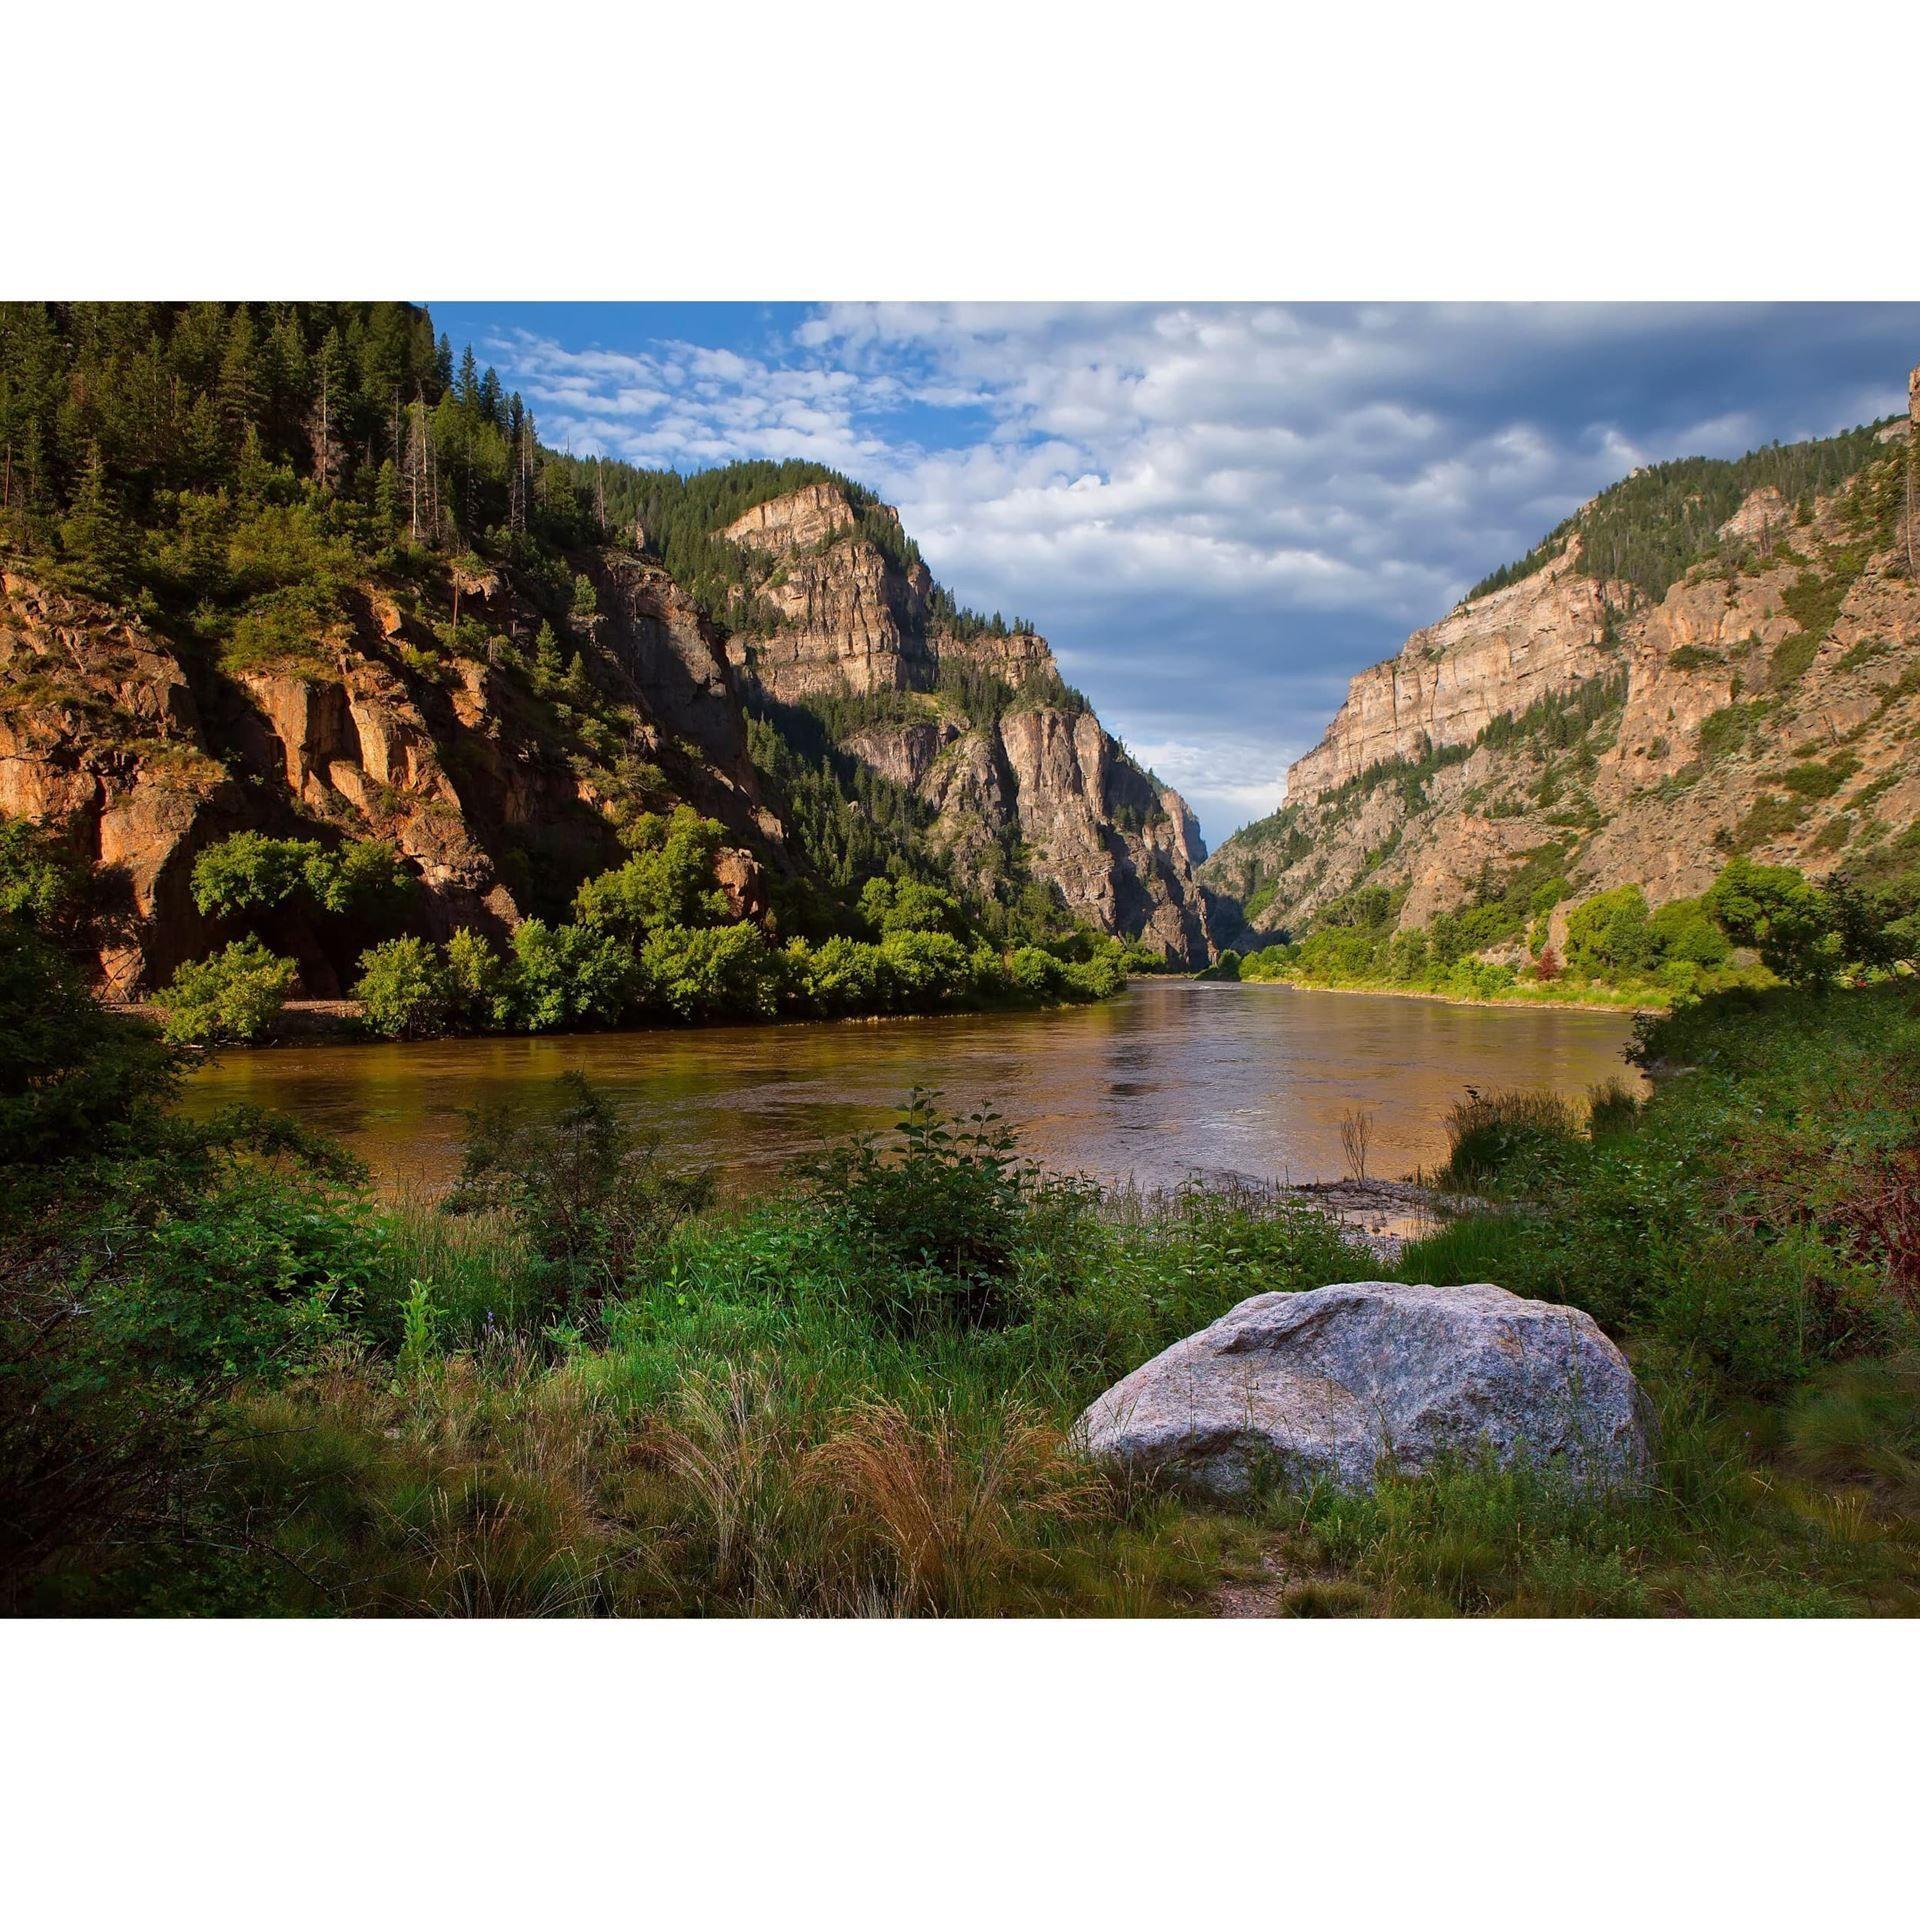 Glenwood Canyon Morning 48x32 D In 2020 Glenwood Canyon